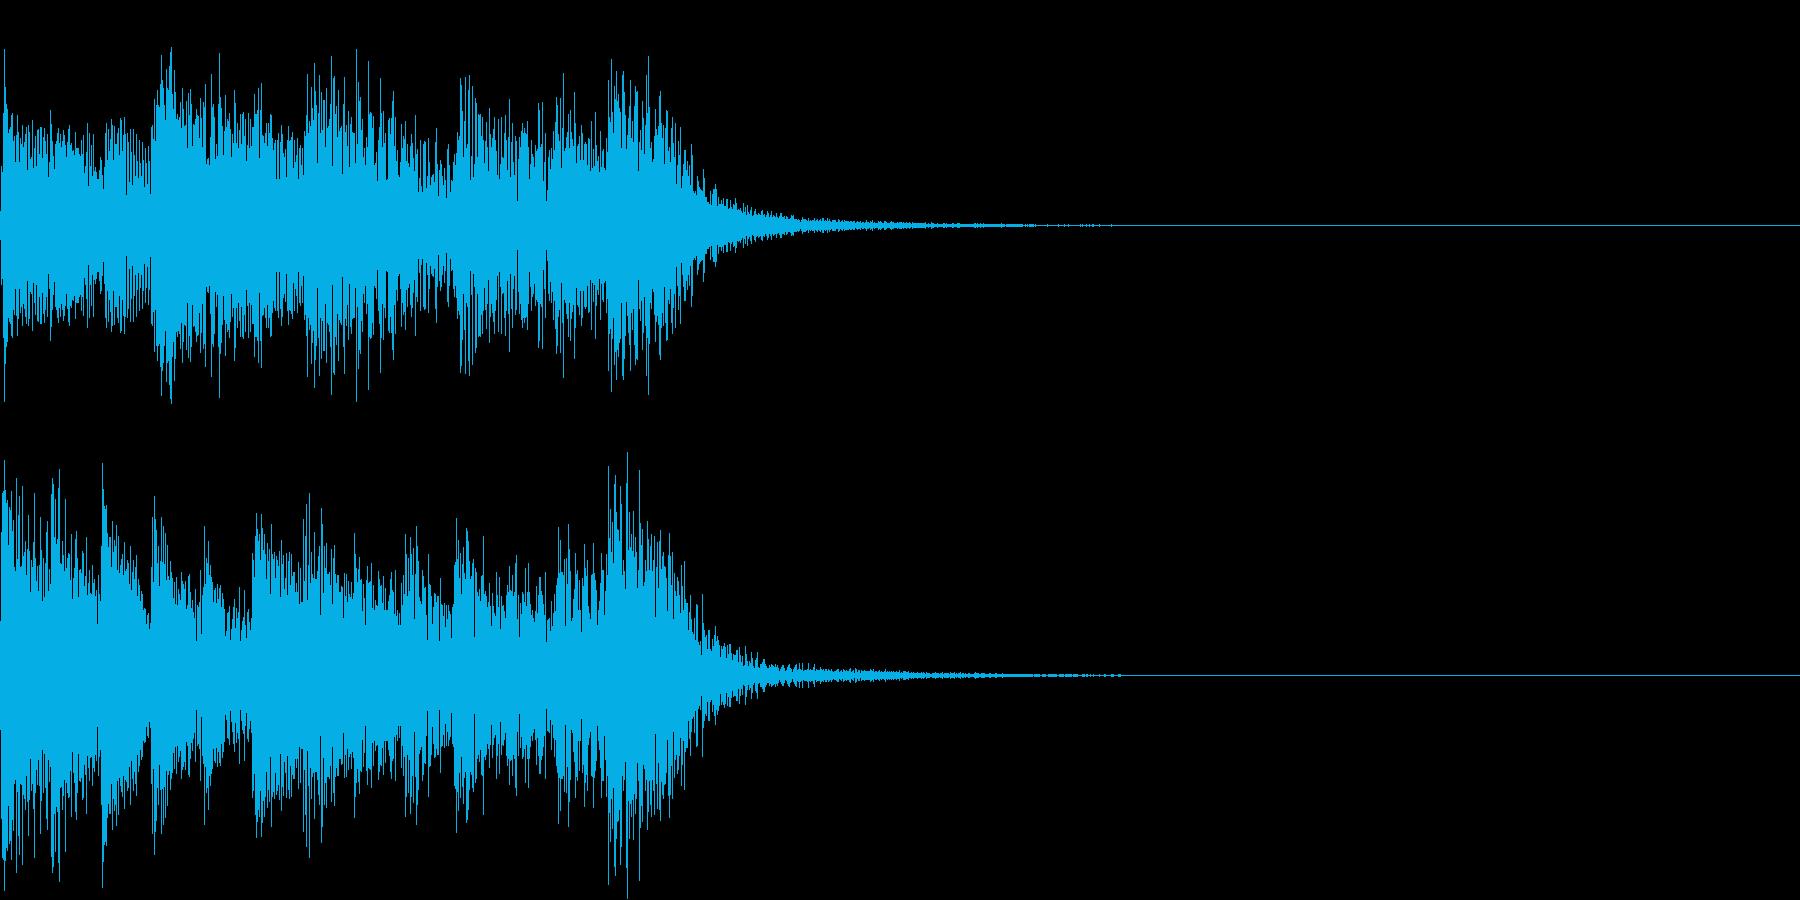 ノリノリなピアノSEジャズブルース風3秒の再生済みの波形